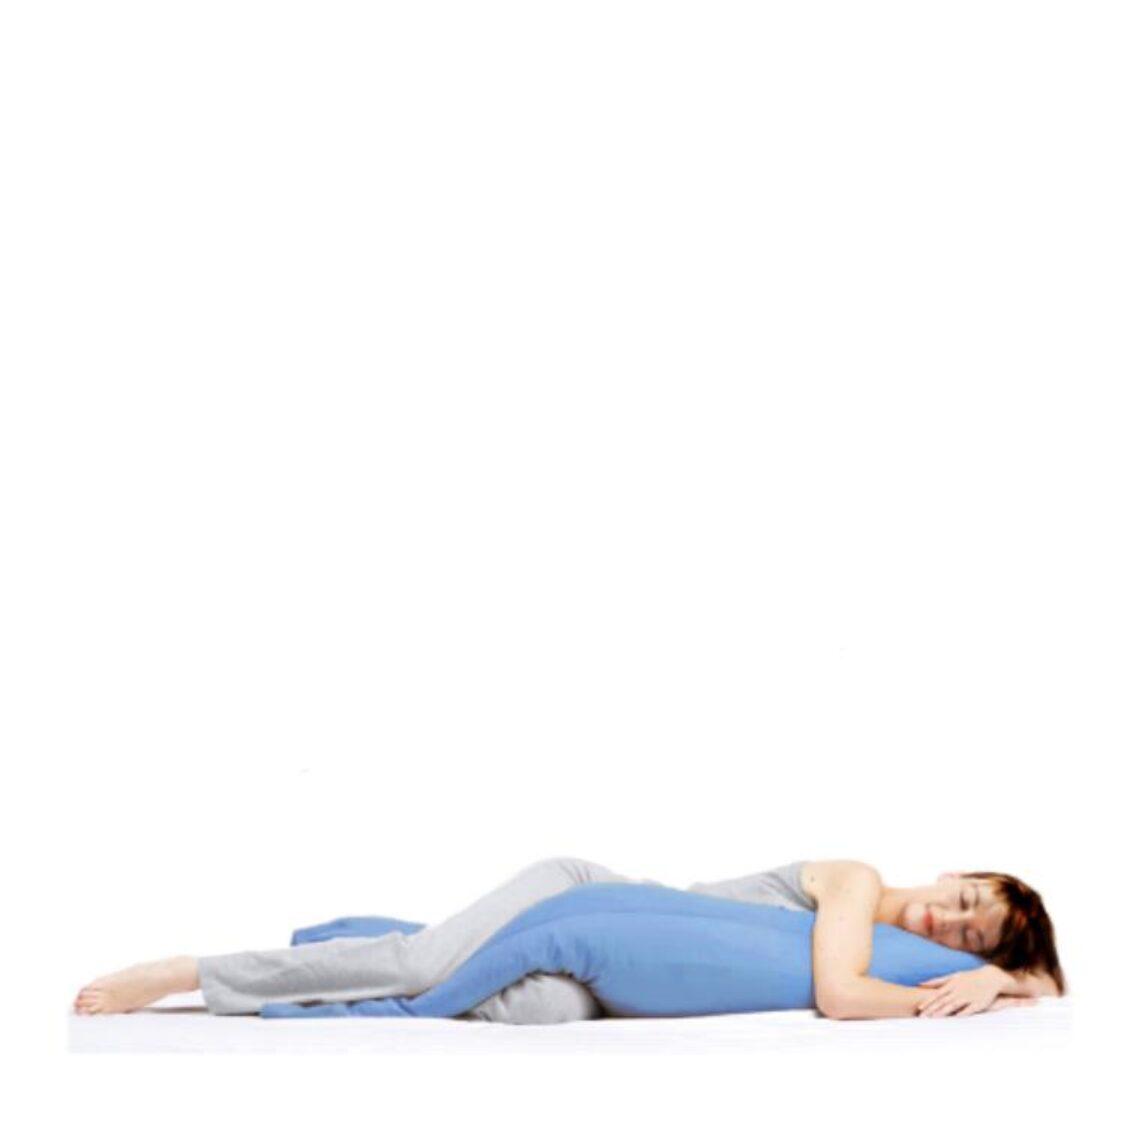 JRapee Bodymate Set Blue 45x152x30cm